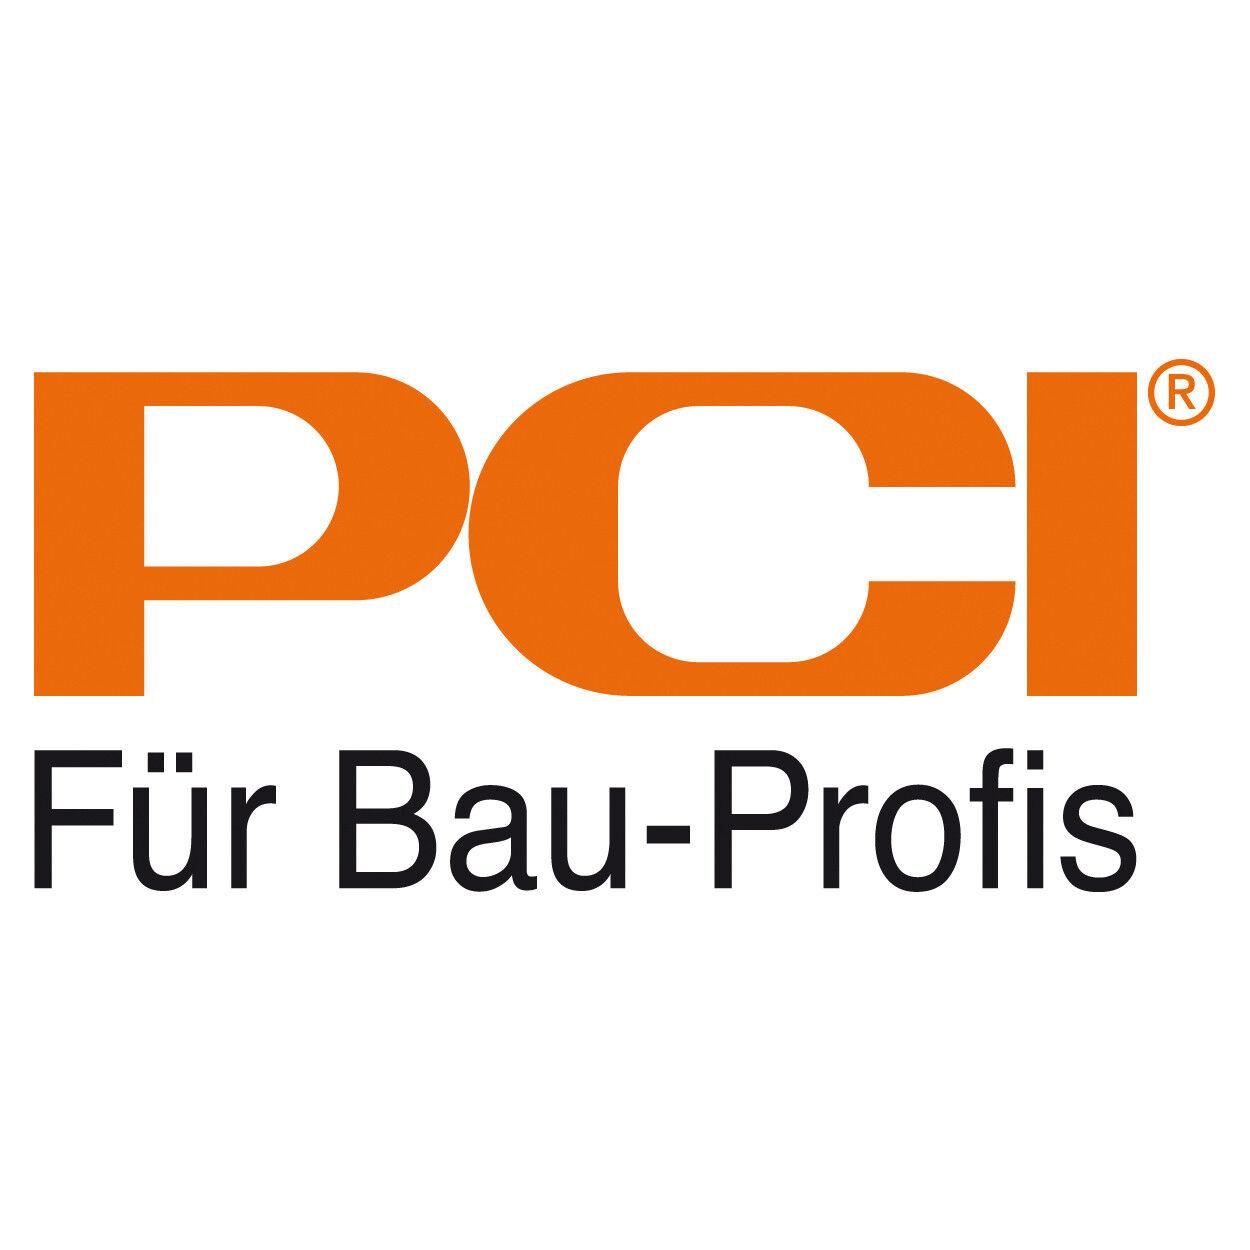 s l1600 - PCI Poly-Fix 5 Min. 5kg Argamasa para Parche Asegurar & Instalar